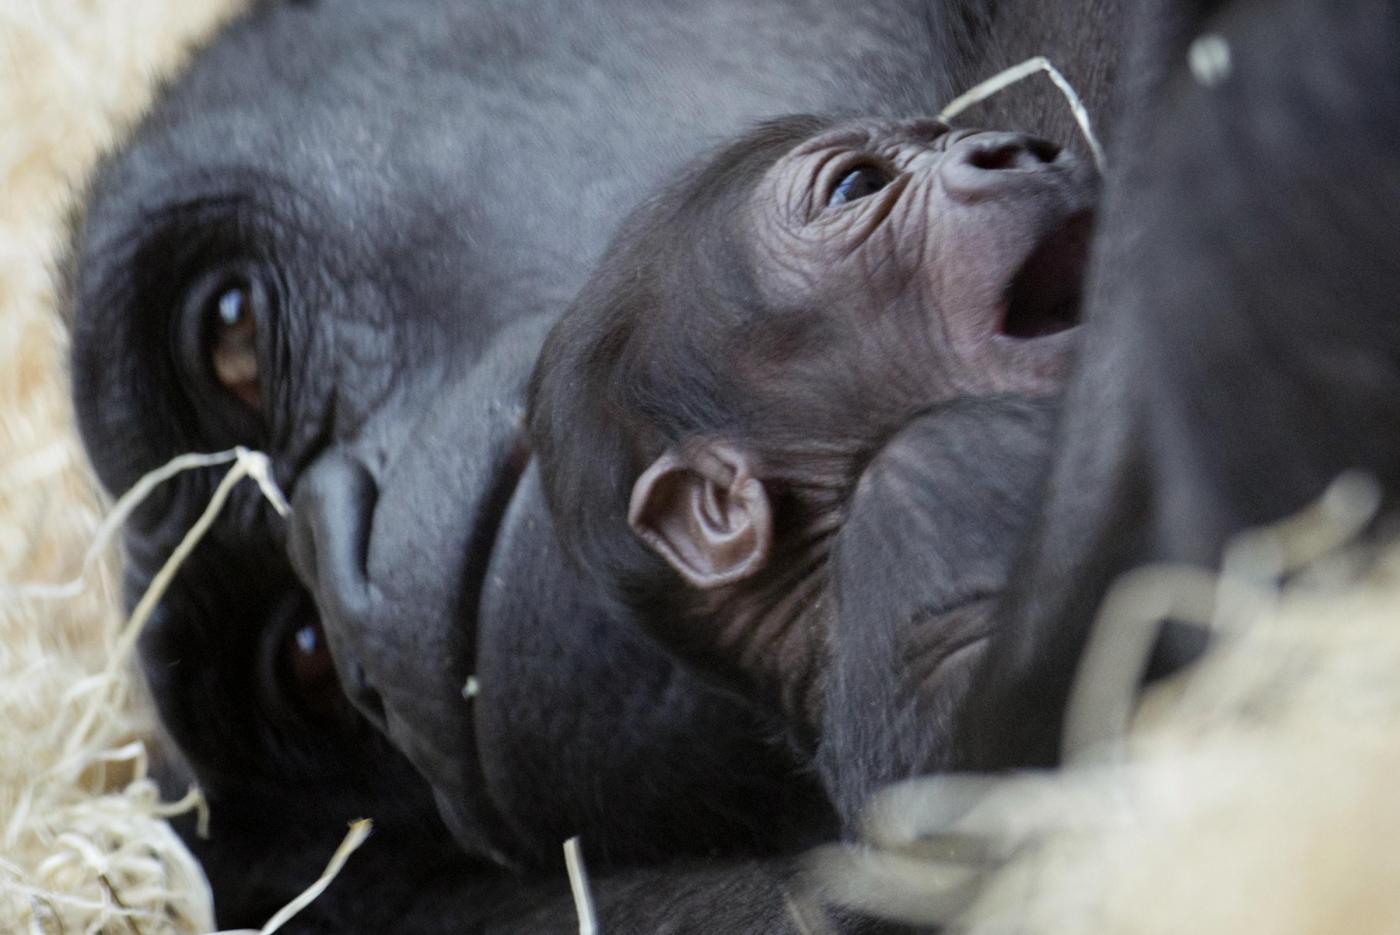 Gorilla nato nello zoo di Praga il 22 dicembre è già una attrazione02